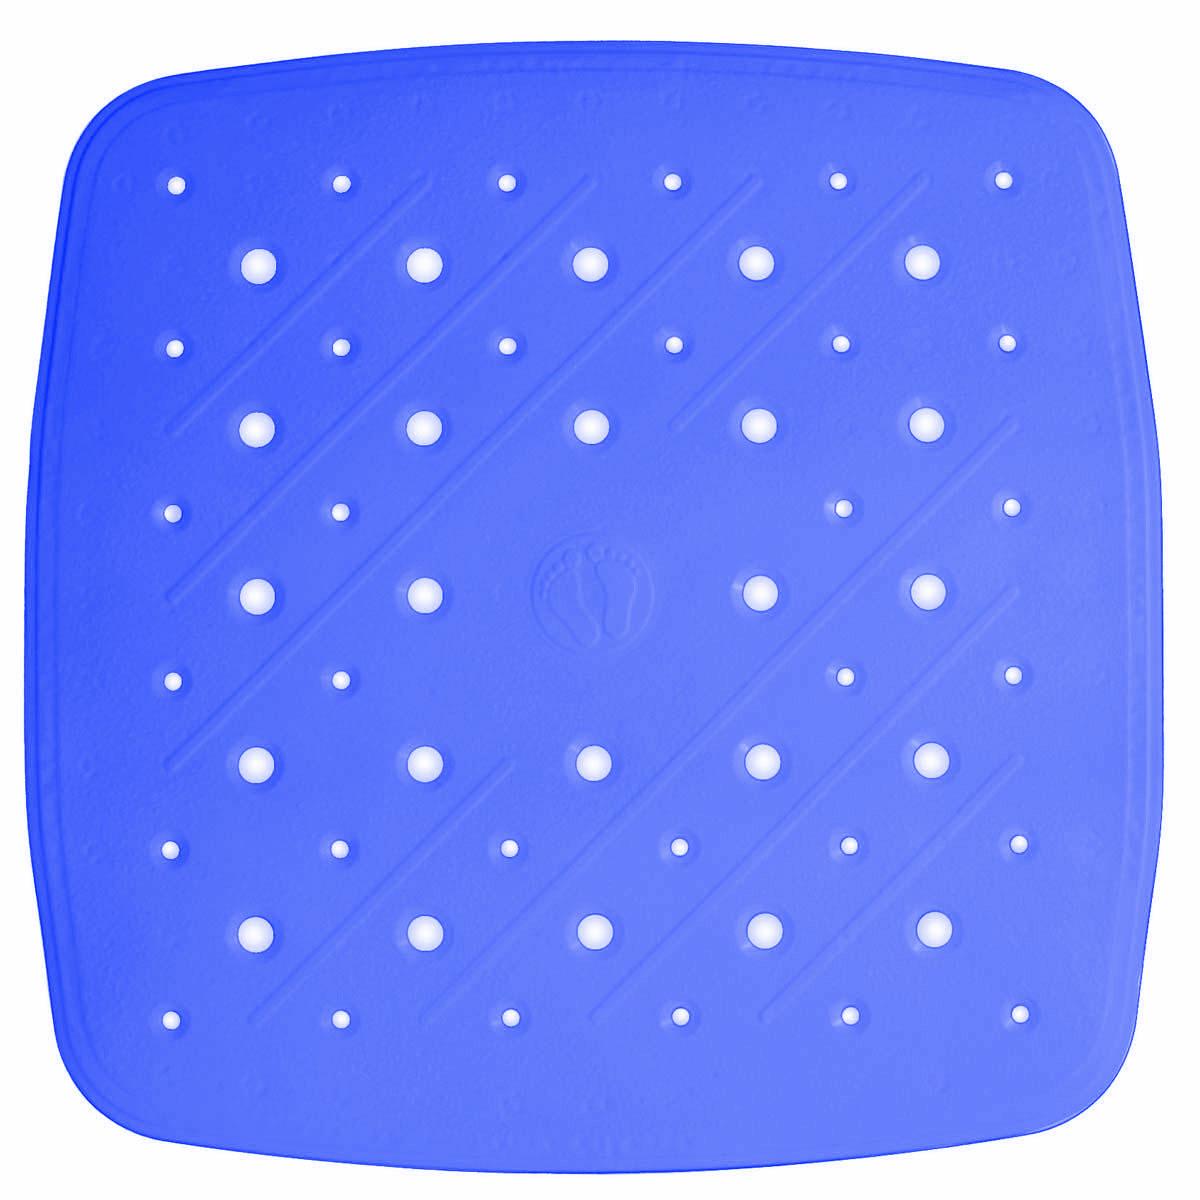 Коврик для ванной Ridder Promo, противоскользящий, на присосках, цвет: синий, 51 х 51 см167913Высококачественный немецкий коврик Ridder Promo создан для вашего удобства.Состав и свойства противоскользящего коврика: - синтетический каучук и ПВХ с защитой от плесени и грибка; - имеются присоски для крепления. Безопасность изделия соответствует стандартам LGA (Германия).